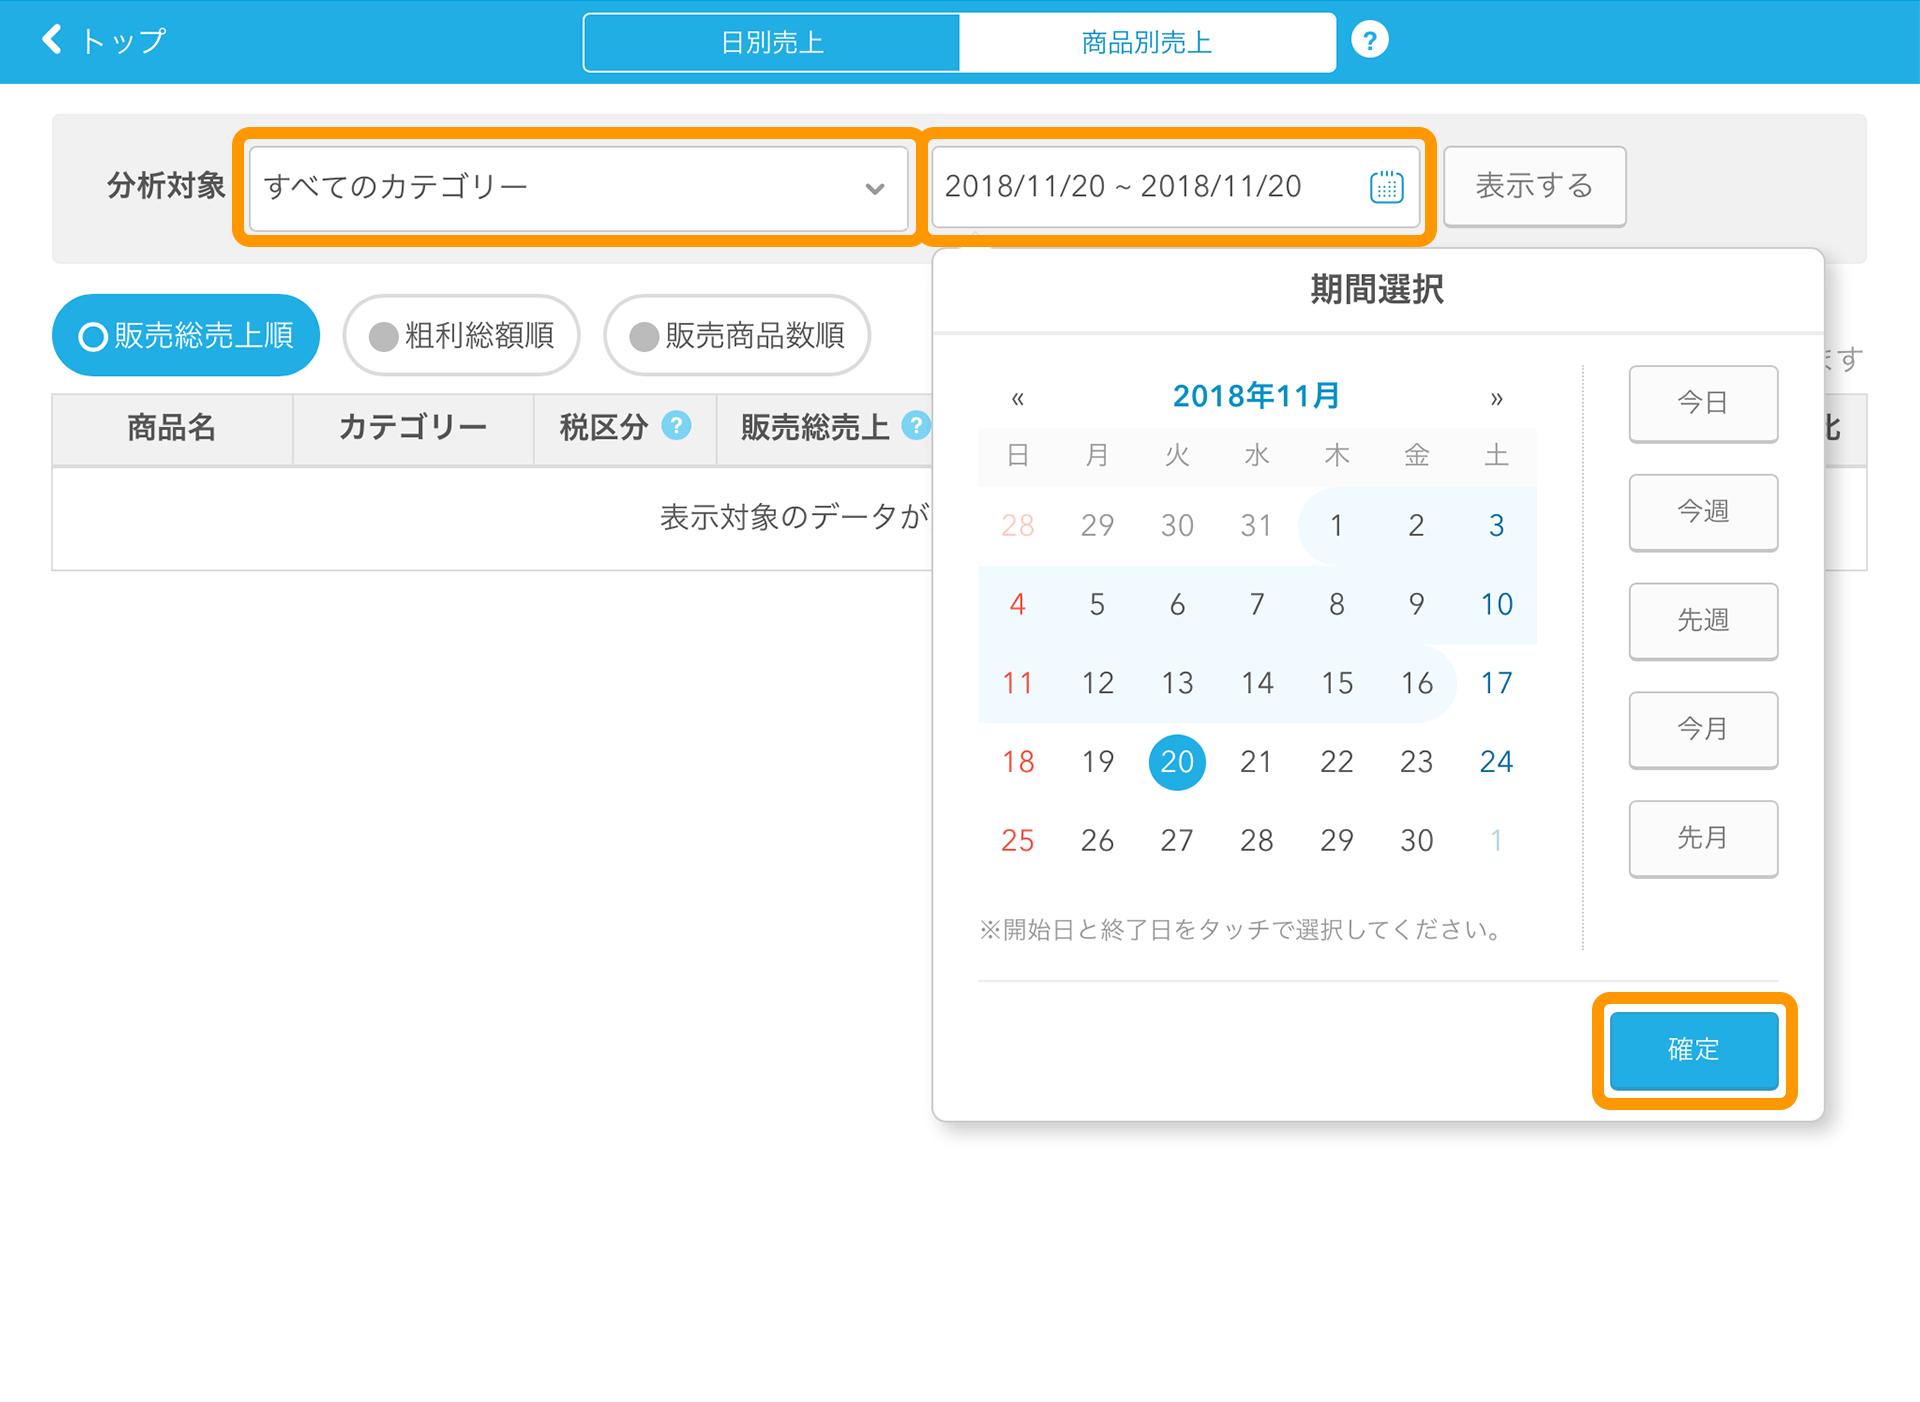 Airレジ 商品別売上 確定